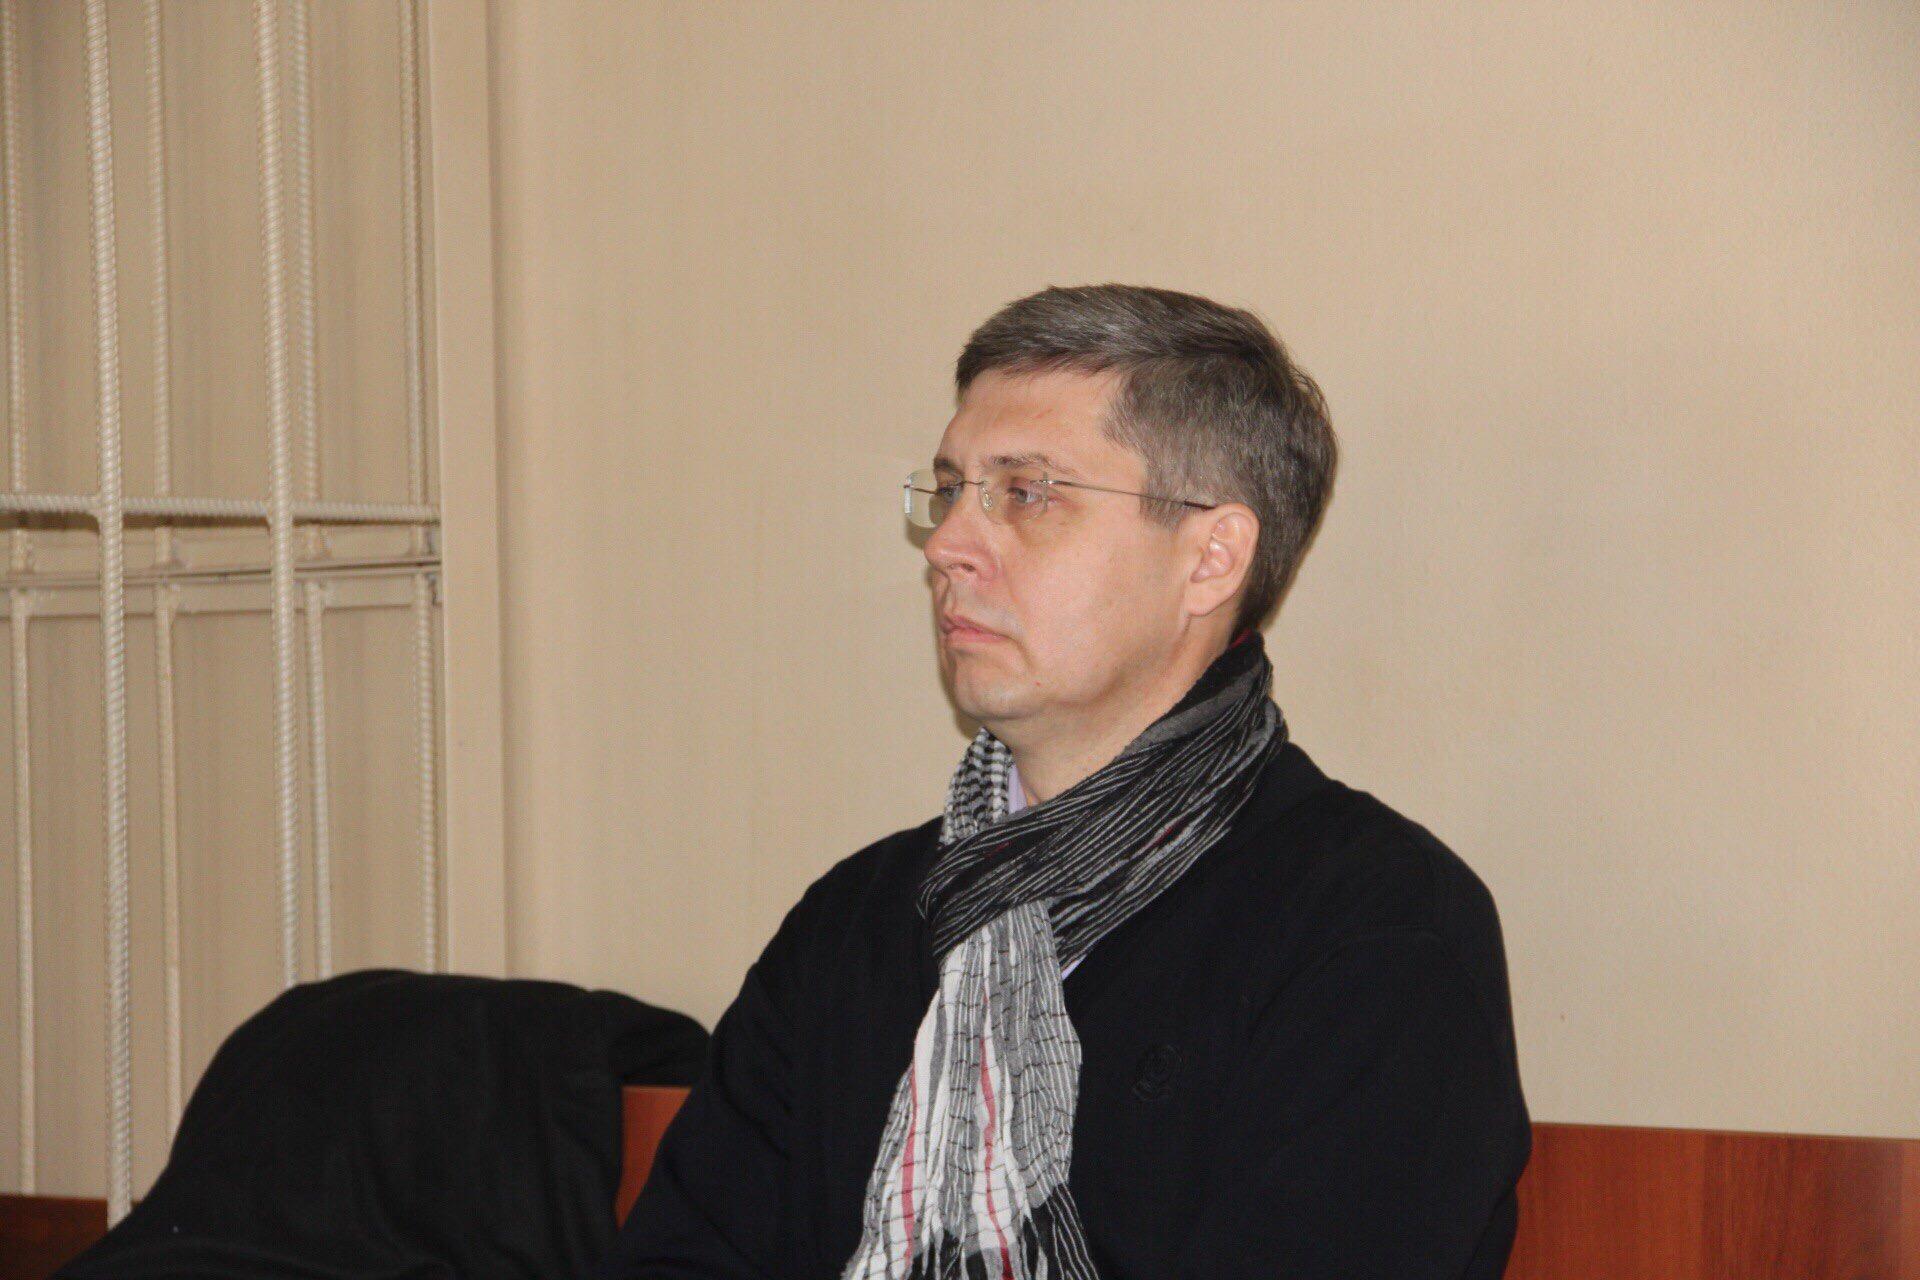 Бывший глава администрации Балашова получил 2.5 года колонии поселения